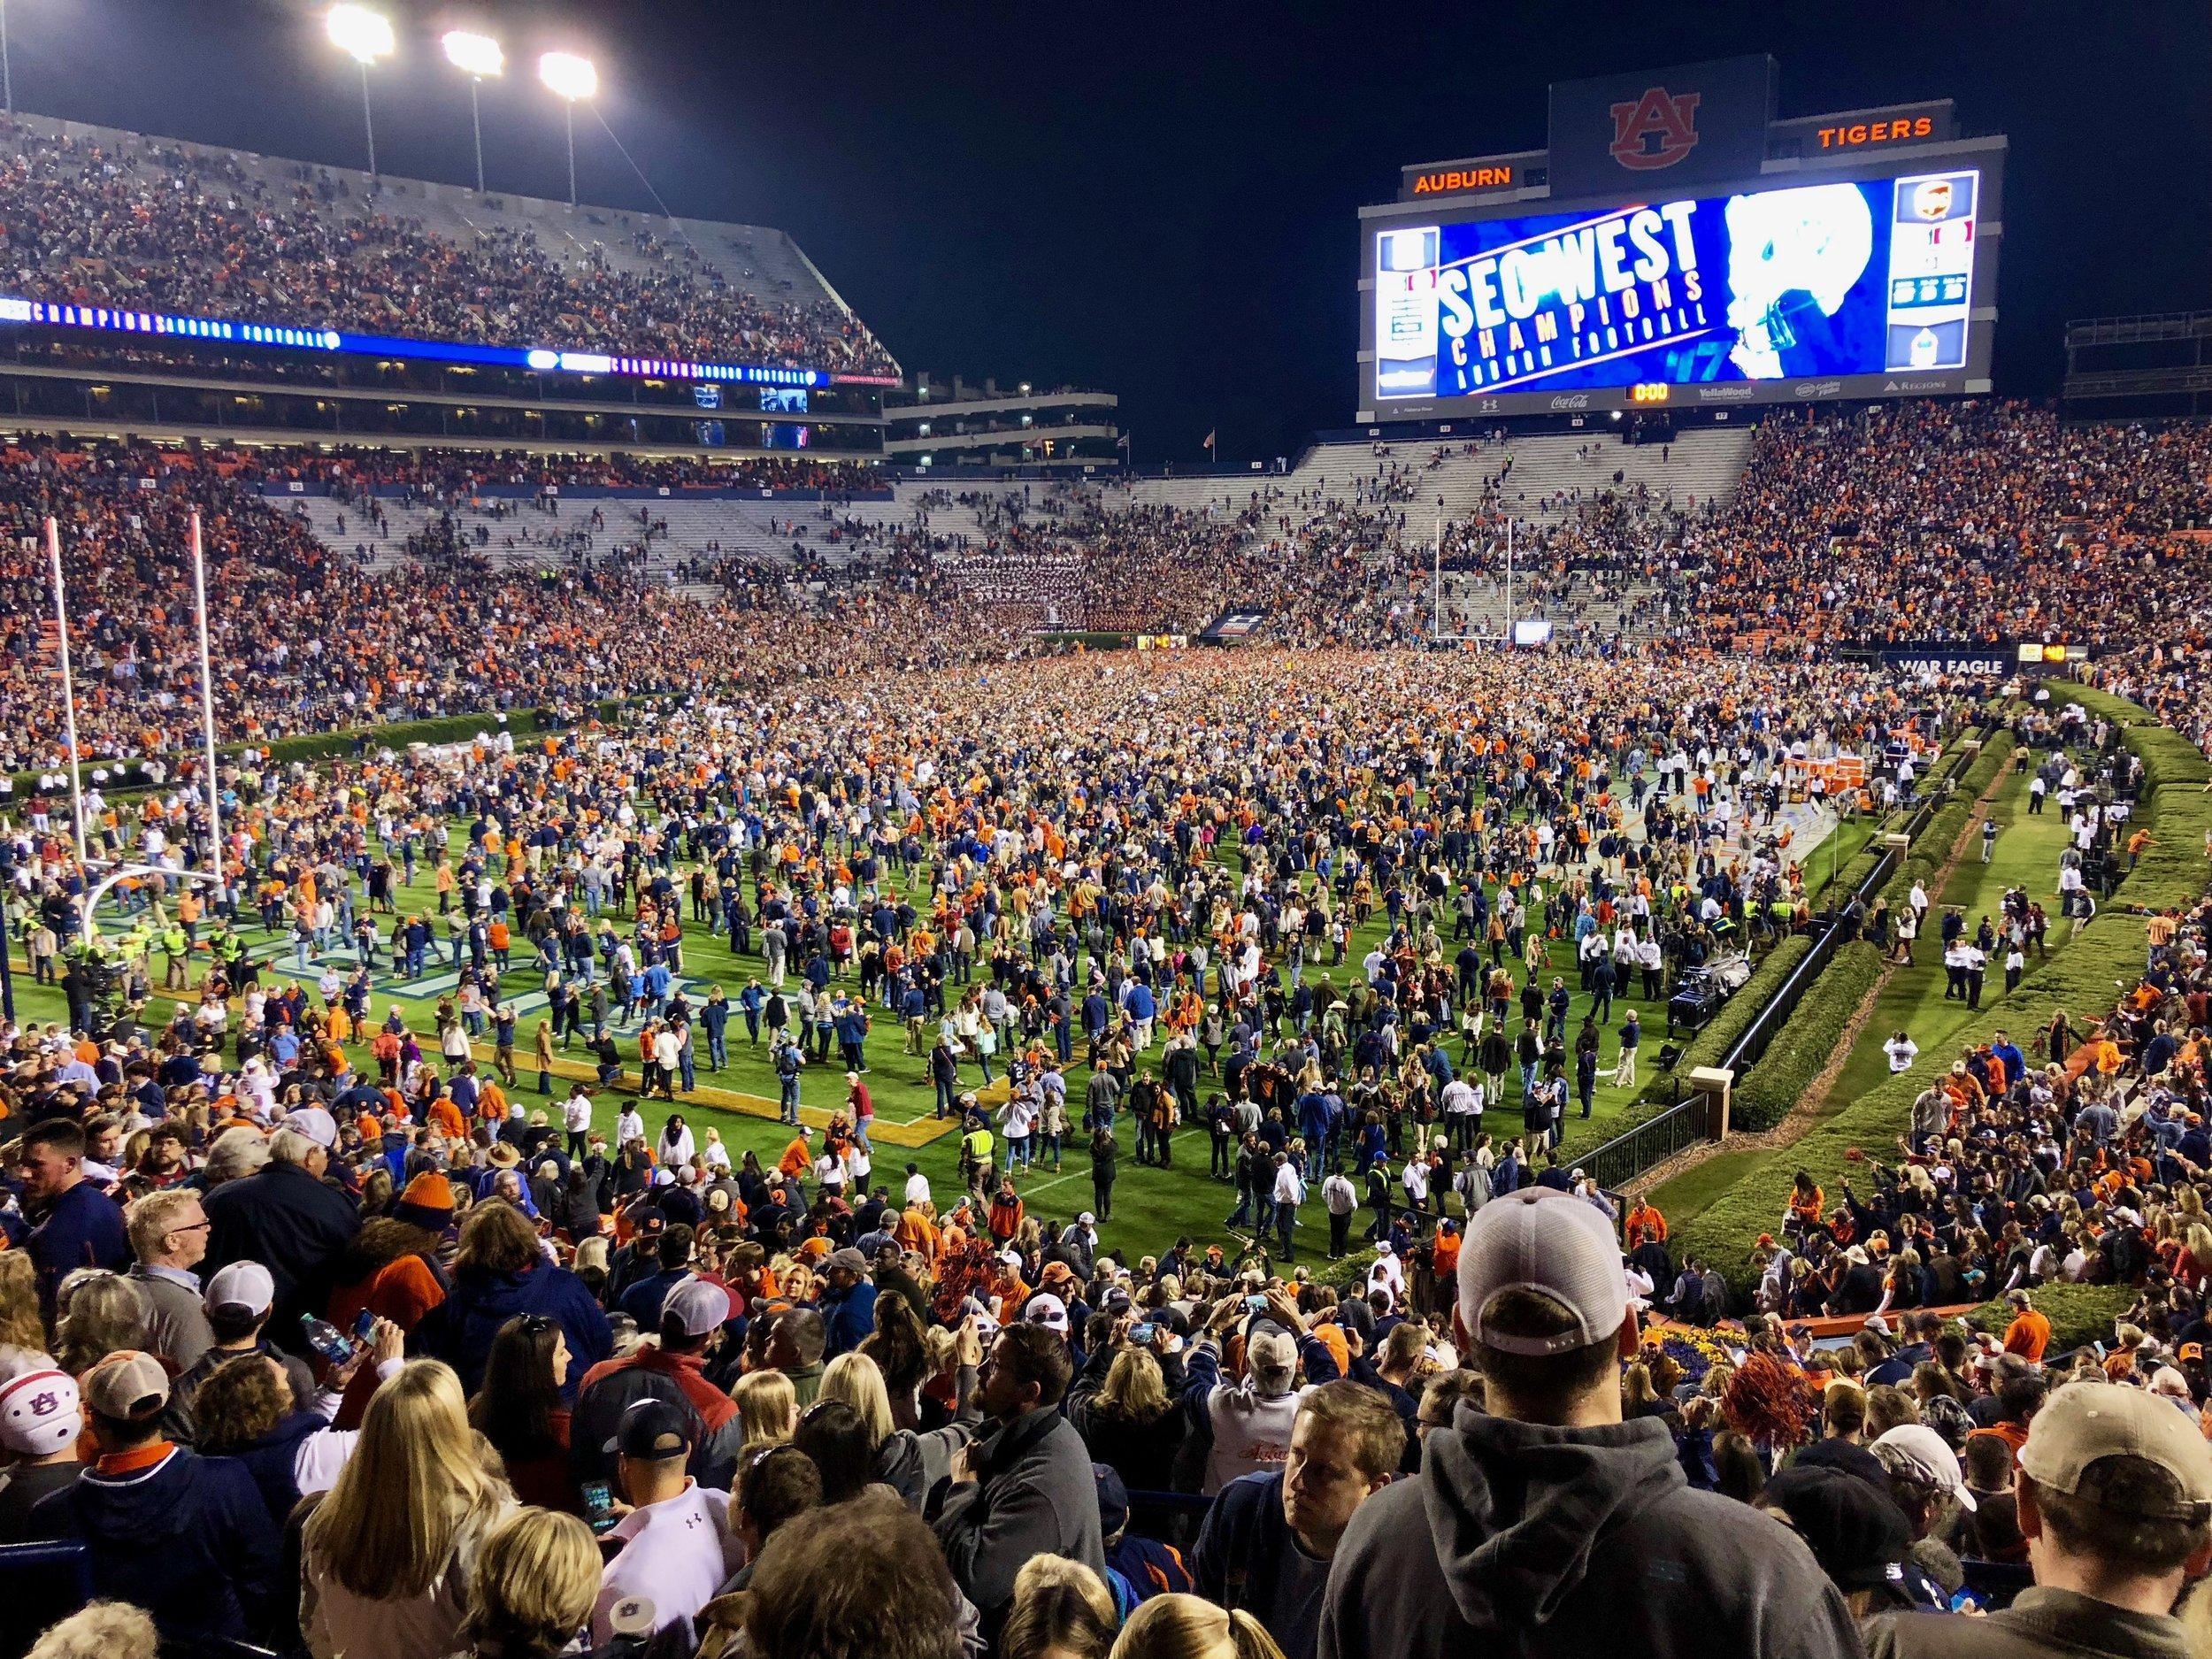 SEC West Champs